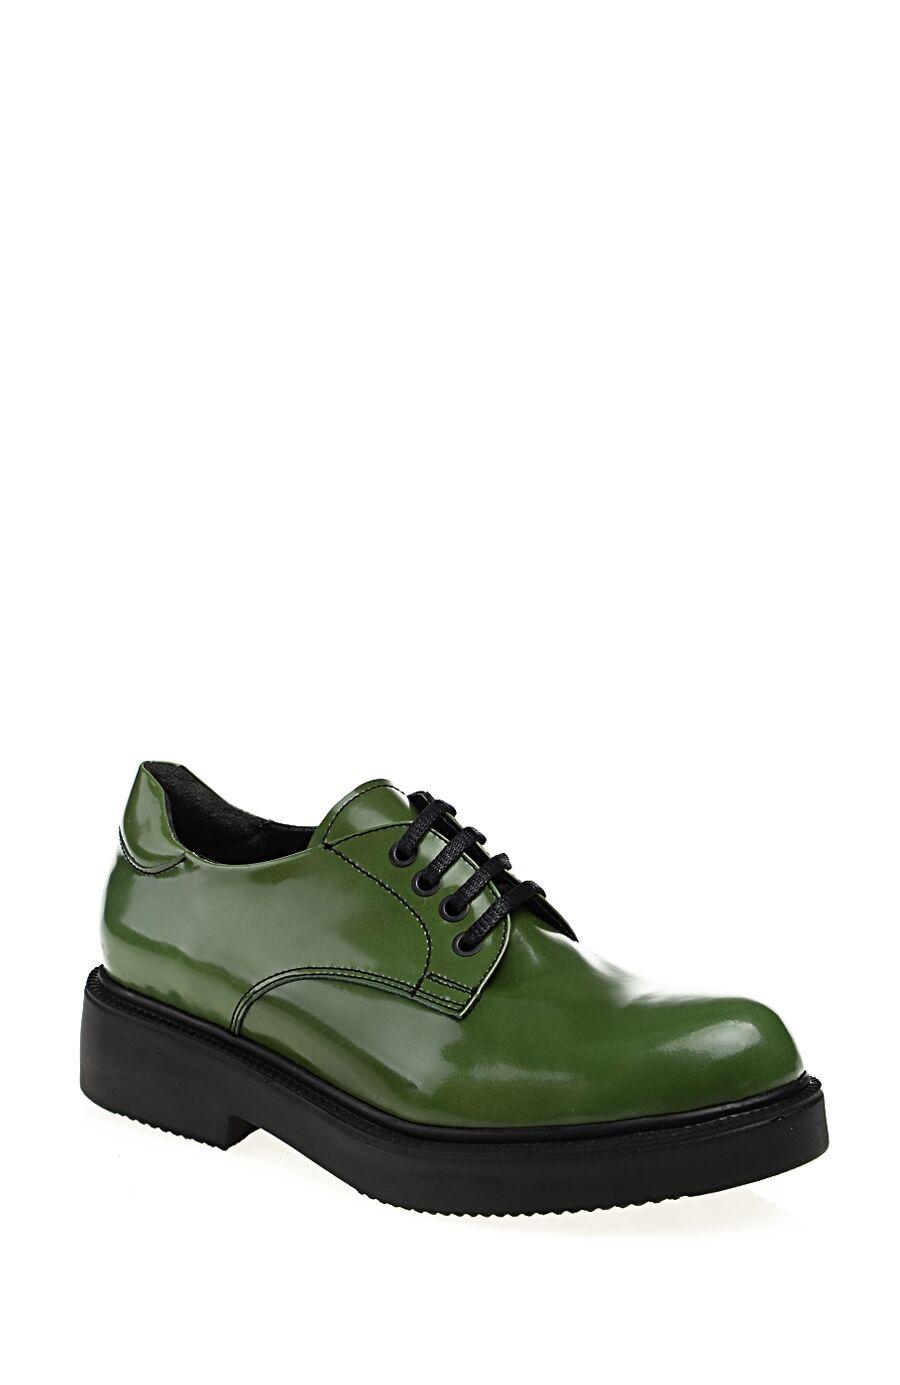 Yeşil Deri Bağcıklı Ayakkabı